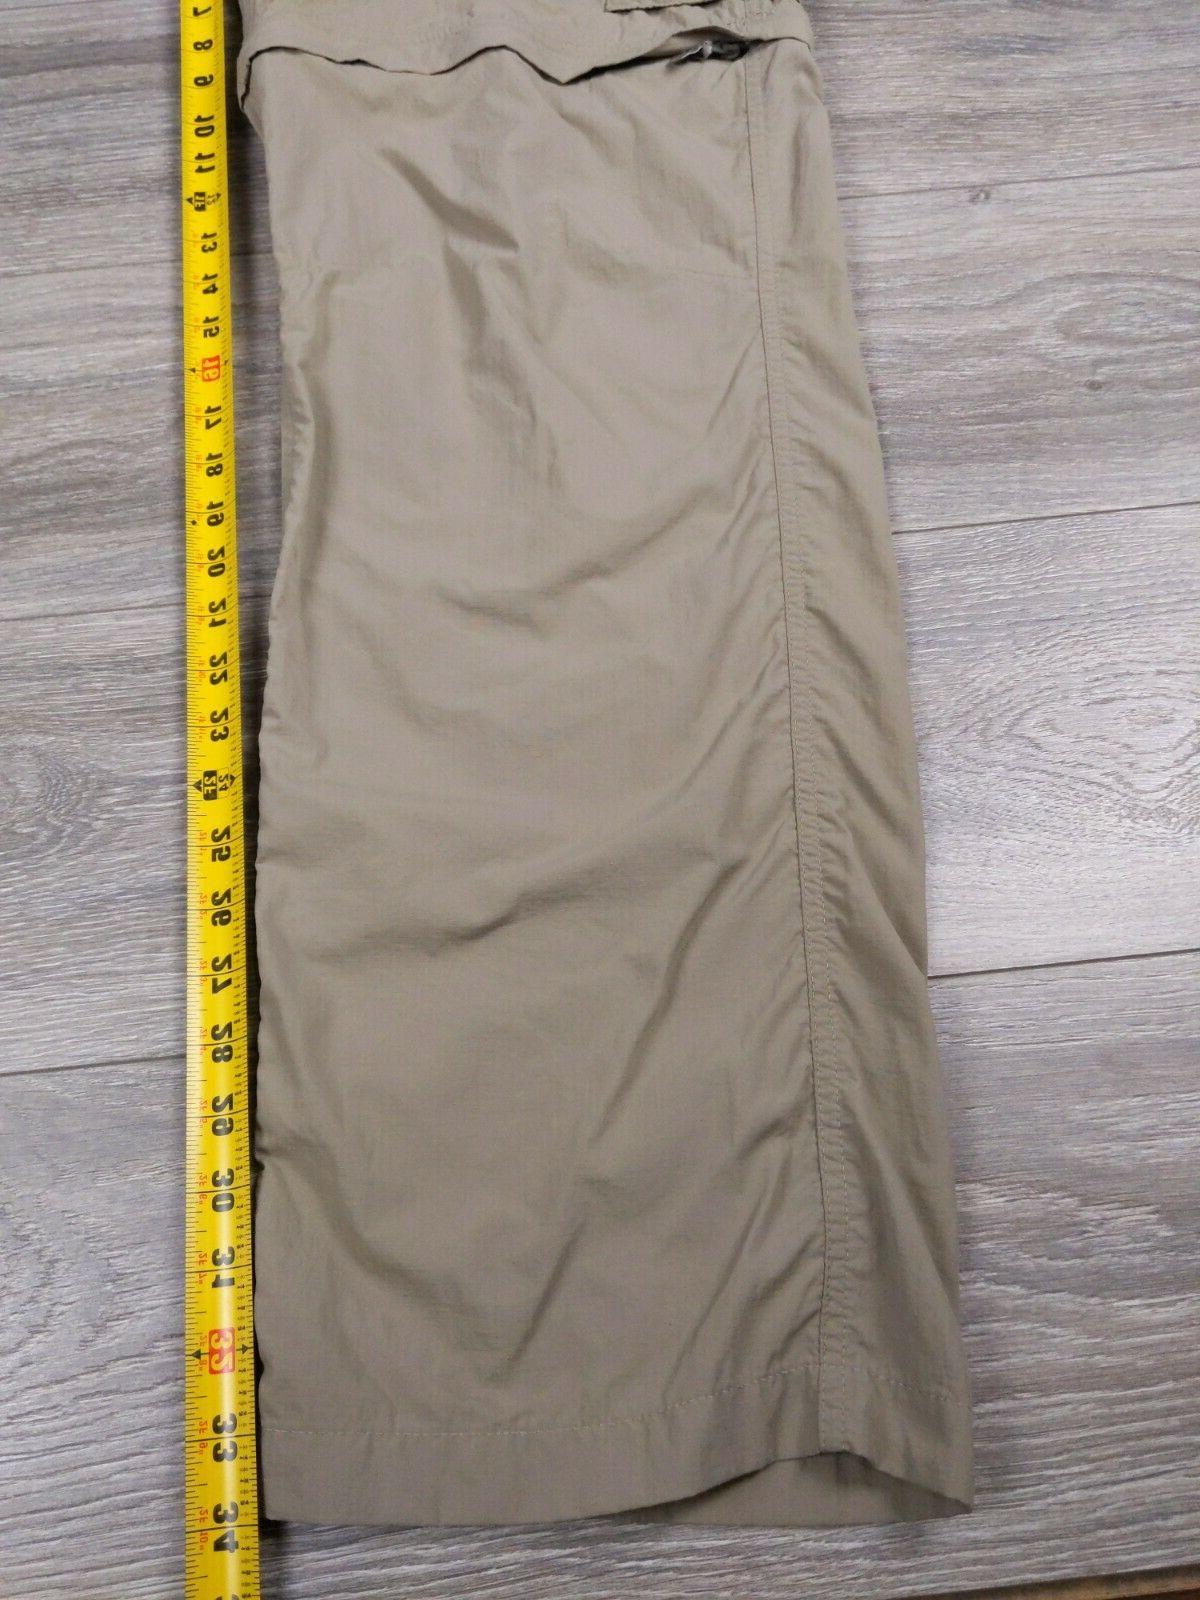 Columbia Omni-Shade Cargo Pants 40 x 34 Tan